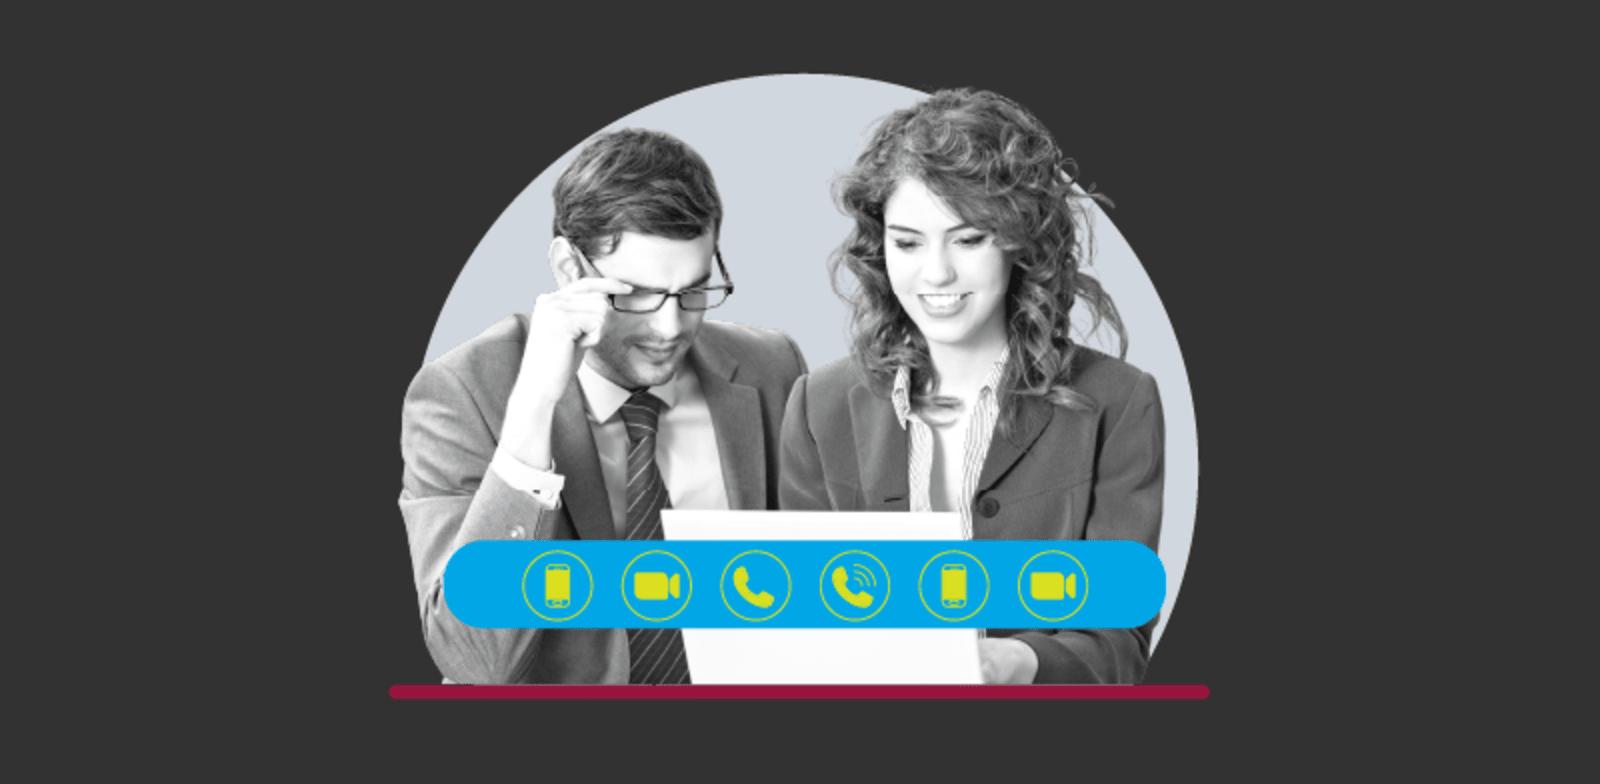 מה עובד טוב יותר, סיעור מוחות בזום או בטלפון / צילום: Shutterstock